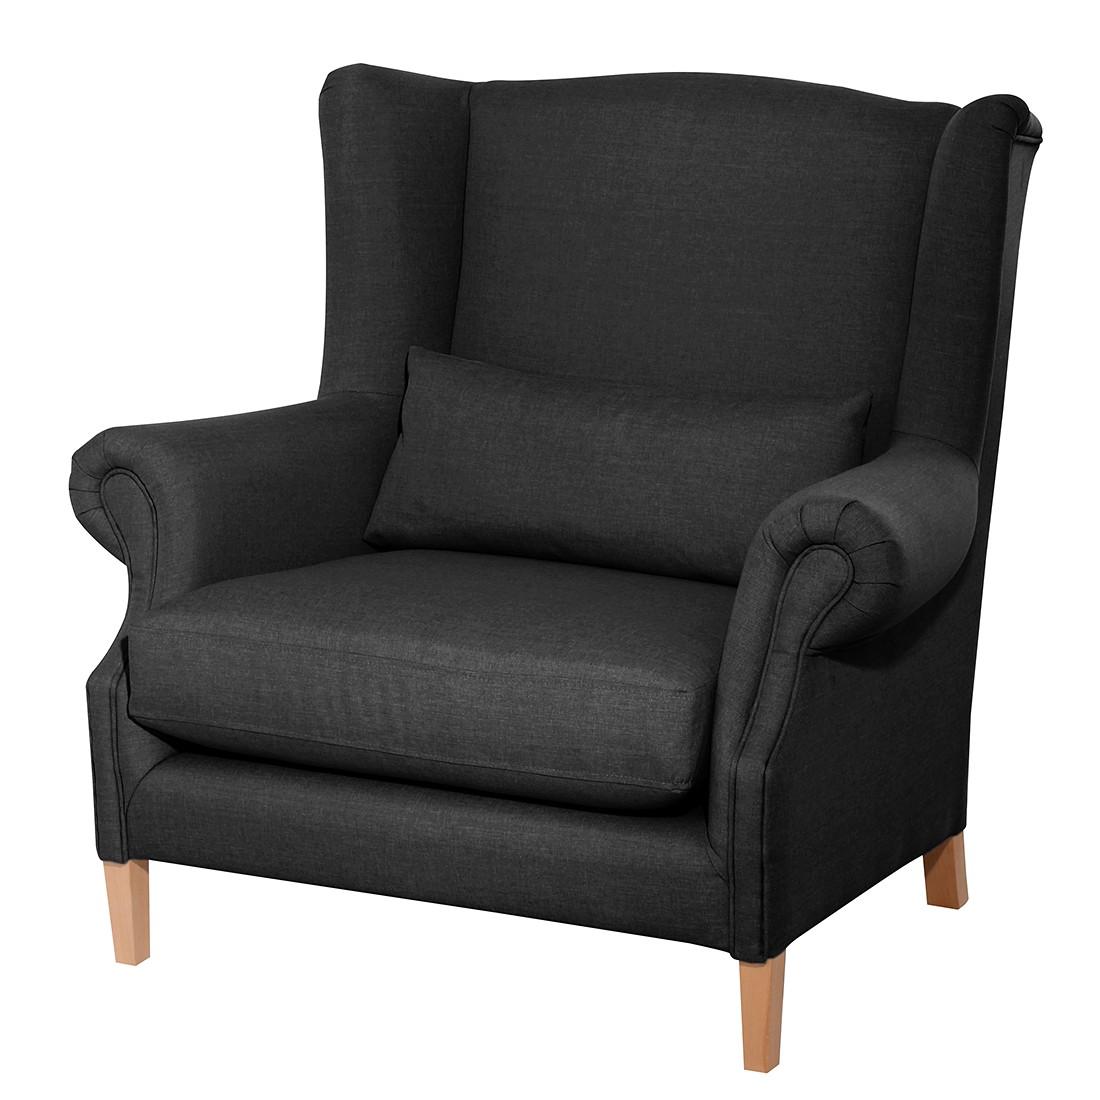 ohrensessel schwarz excellent beliani sessel vejle with. Black Bedroom Furniture Sets. Home Design Ideas